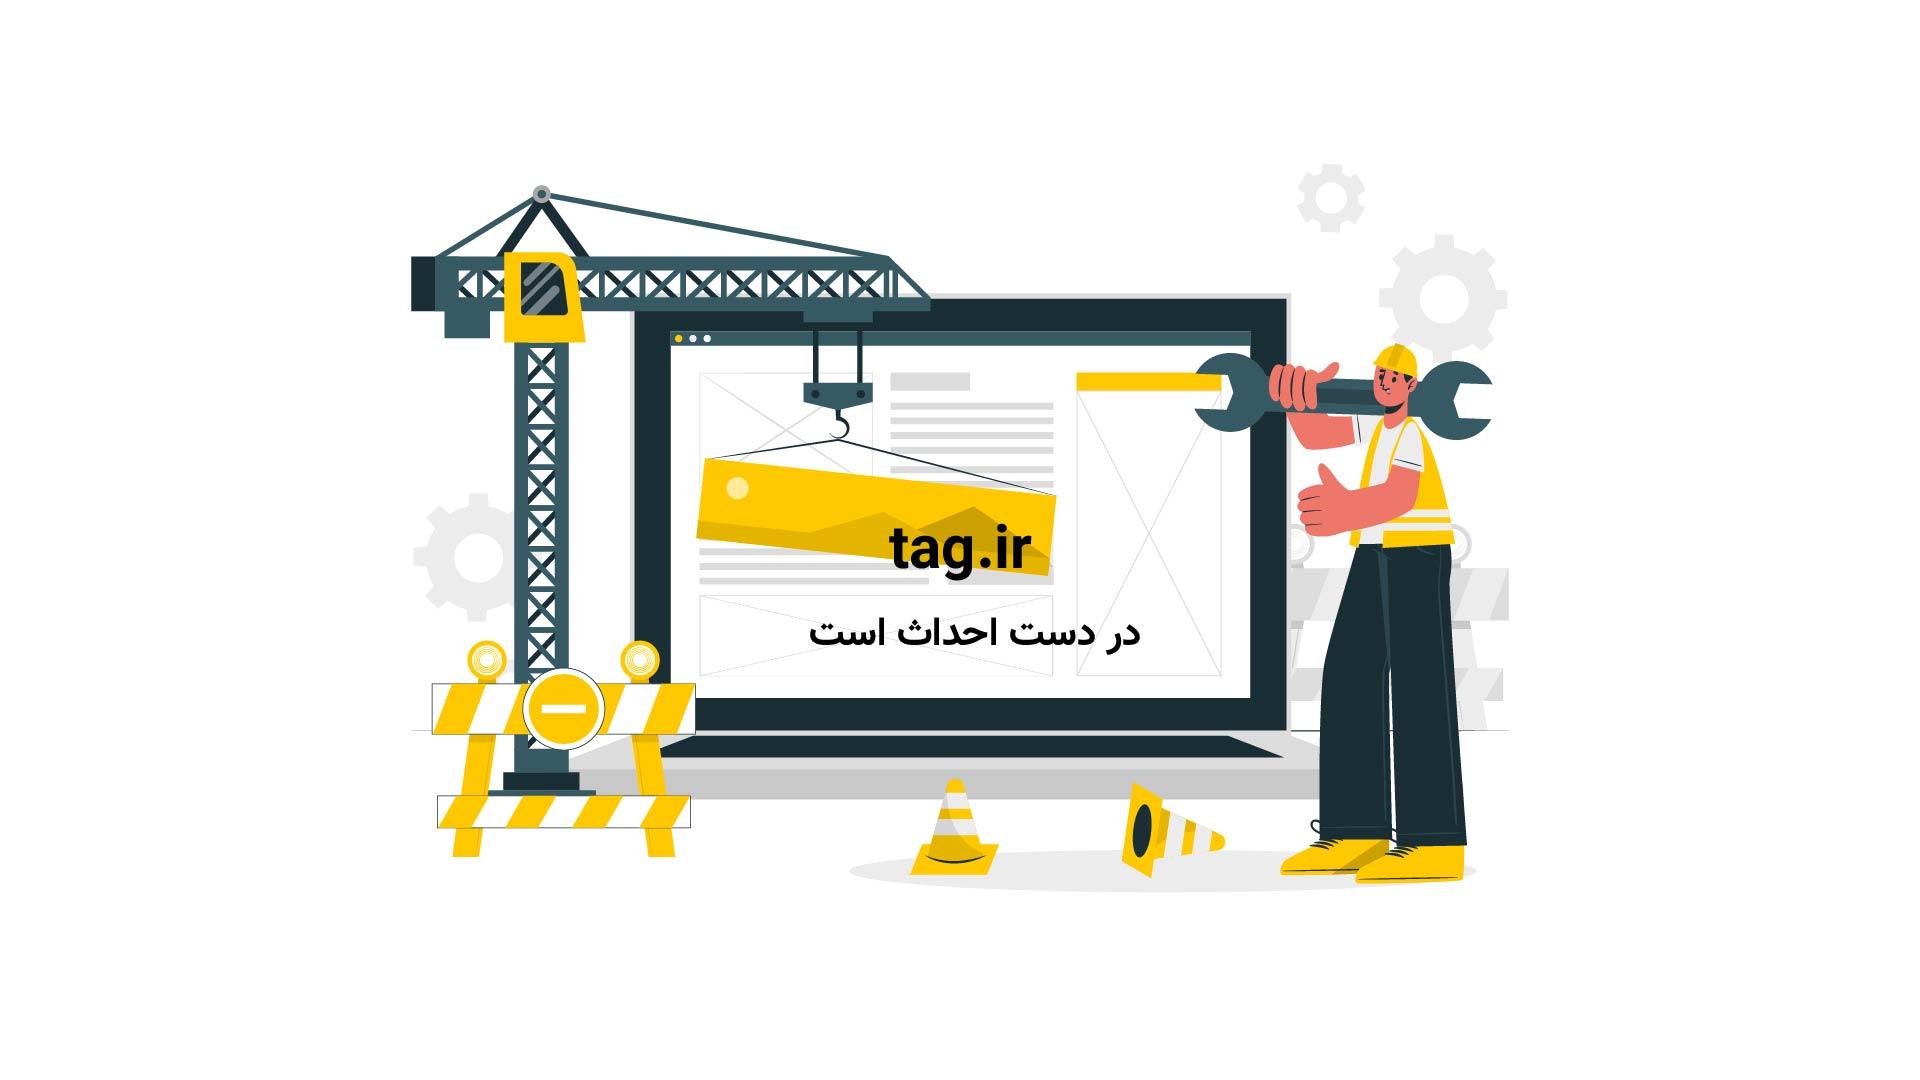 احمد عربانی چگونه وارد عرصه انیمیشن شد + فیلم